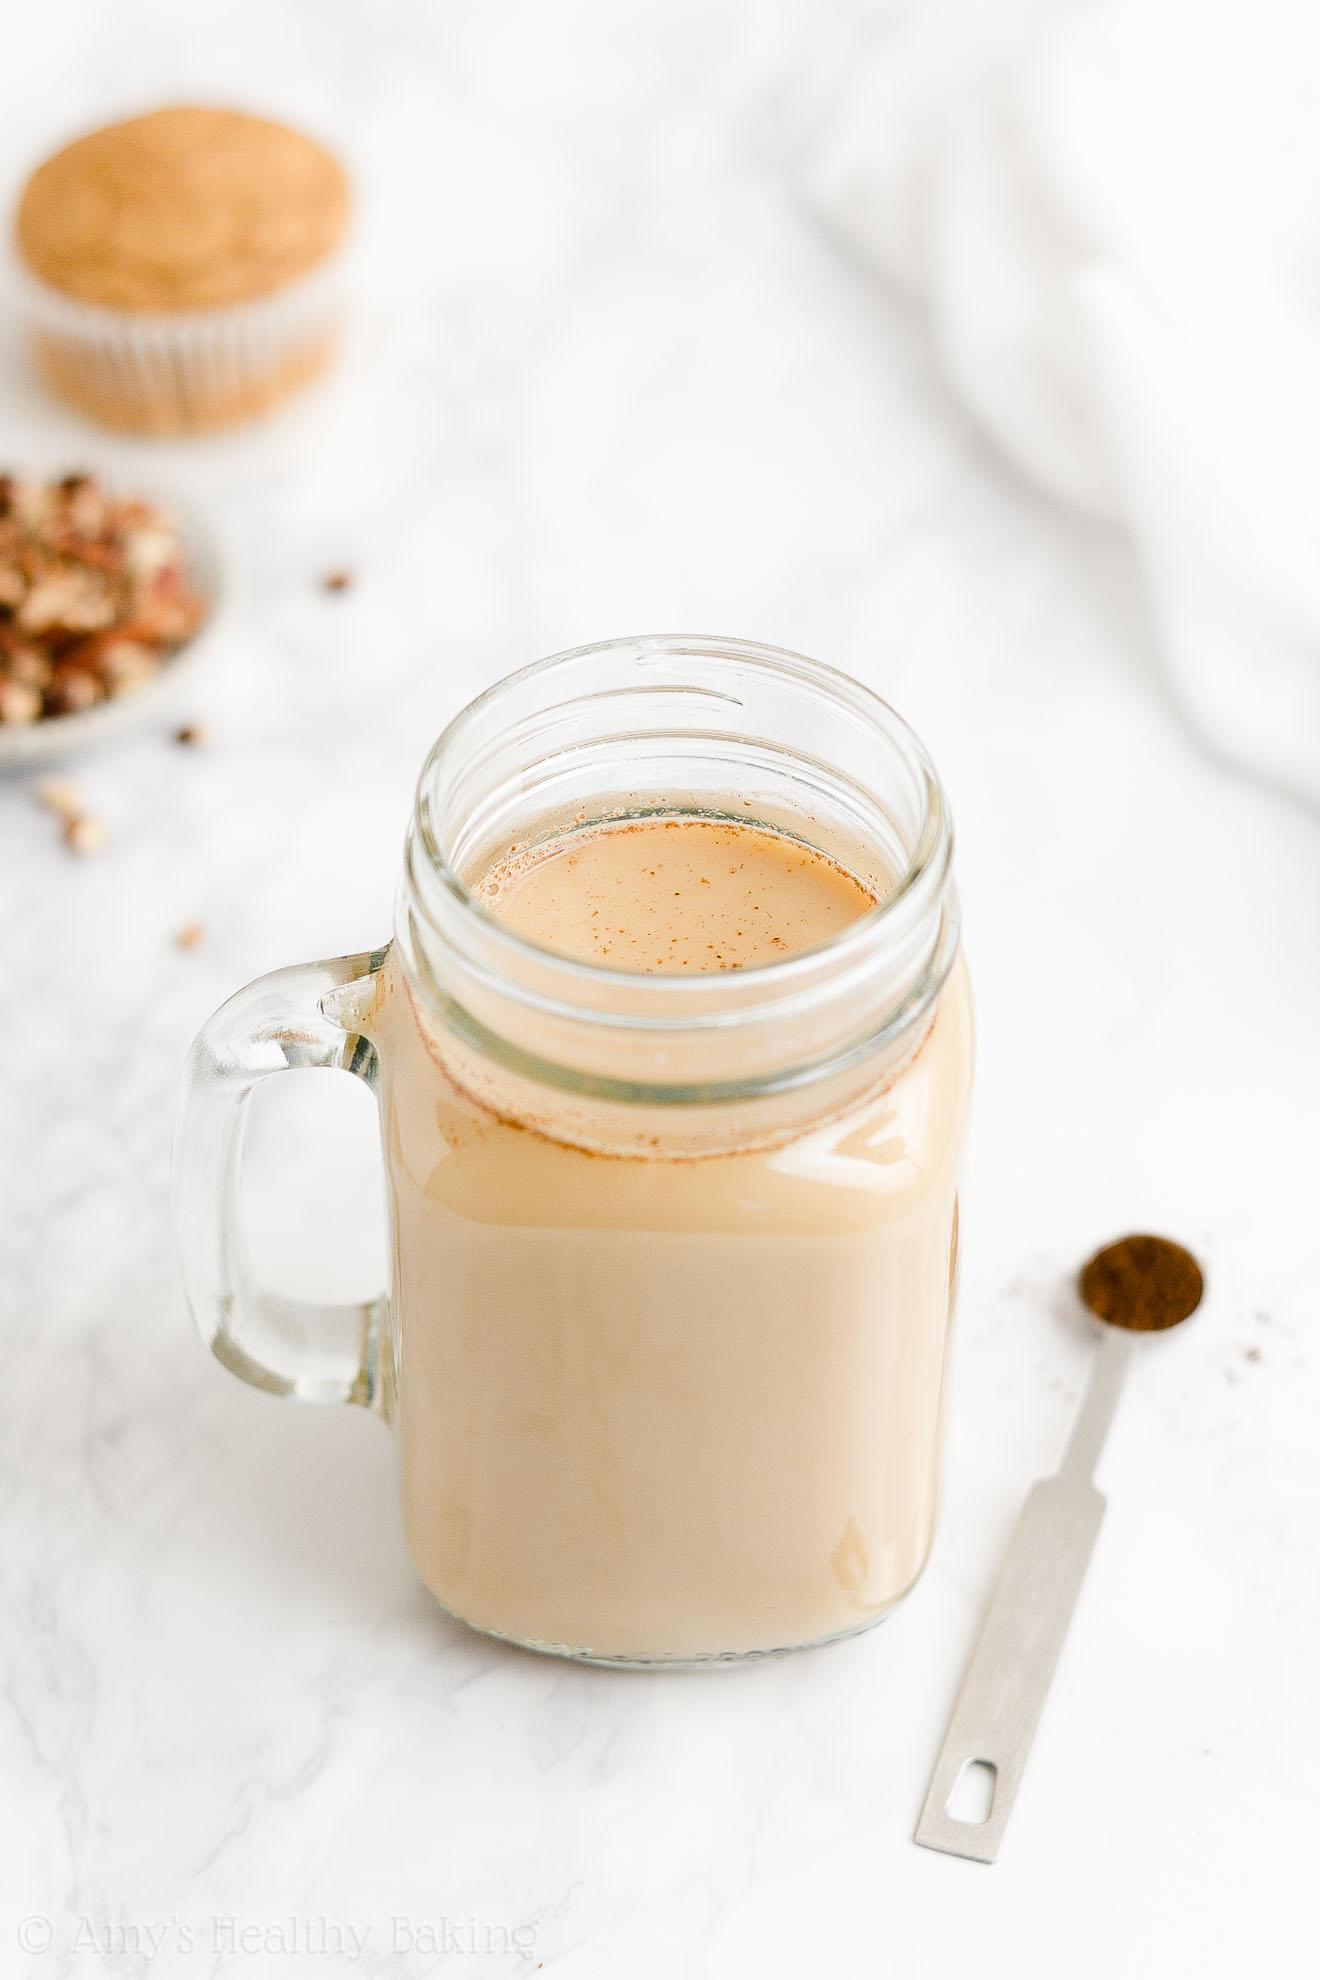 BEST EVER Easy Healthy Low Calorie Copycat Starbucks Eggnog Chai Latte